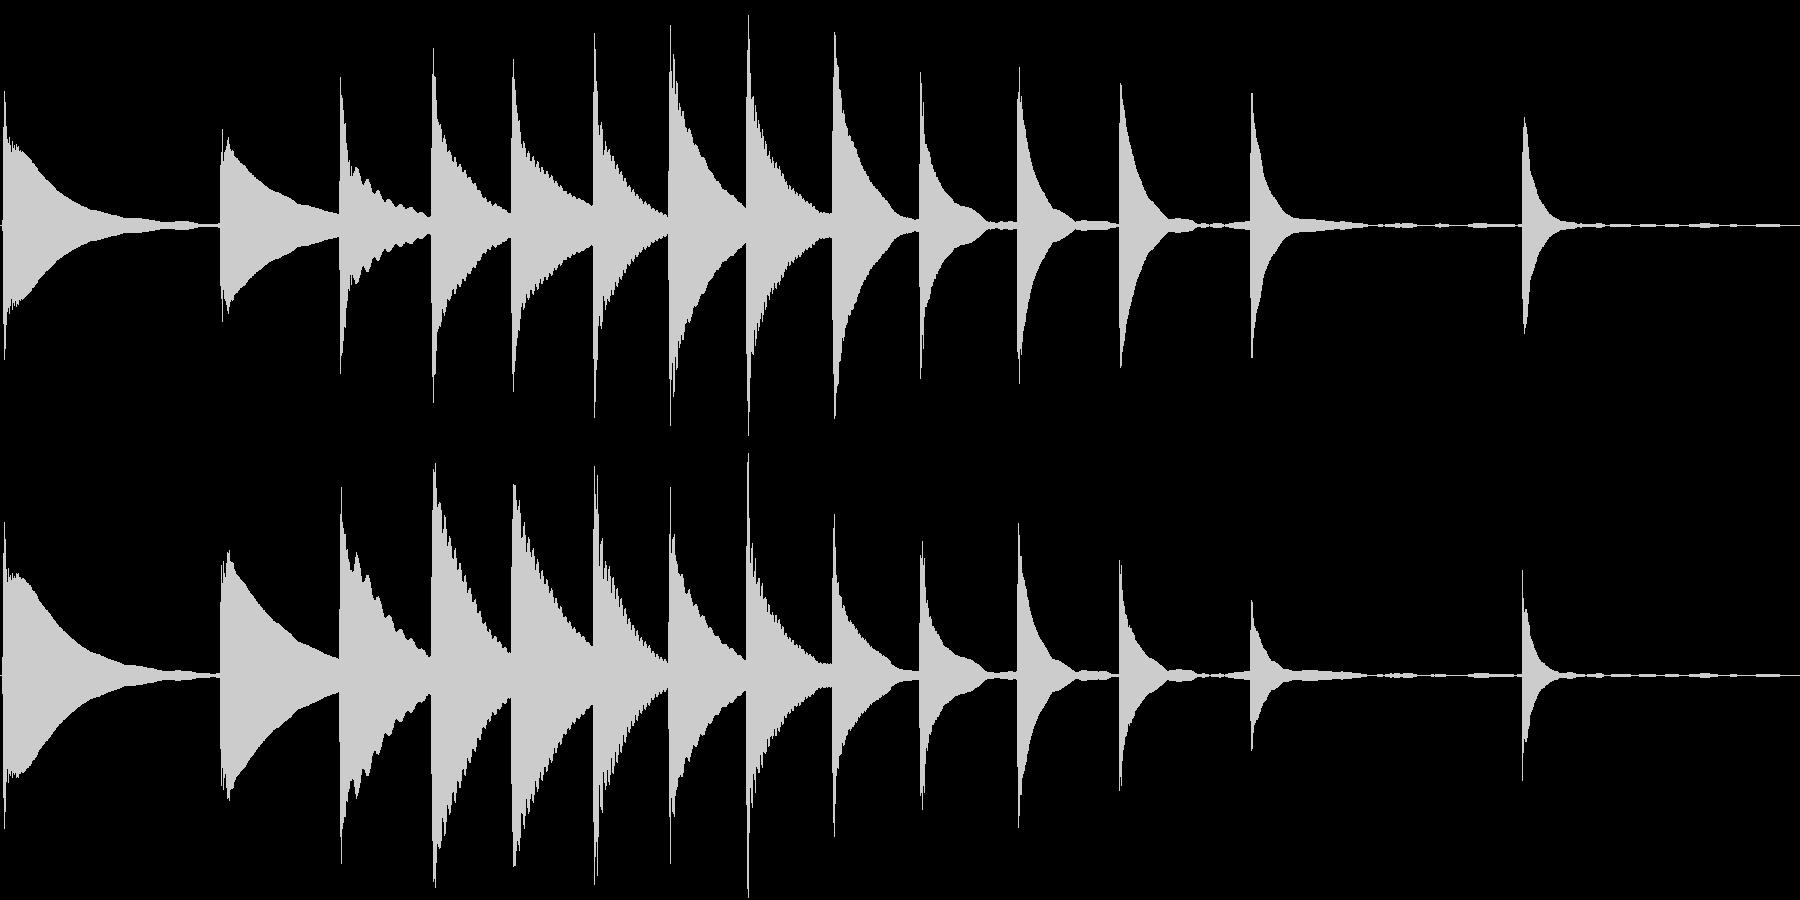 Xylo 木琴のお茶目なジングルの未再生の波形